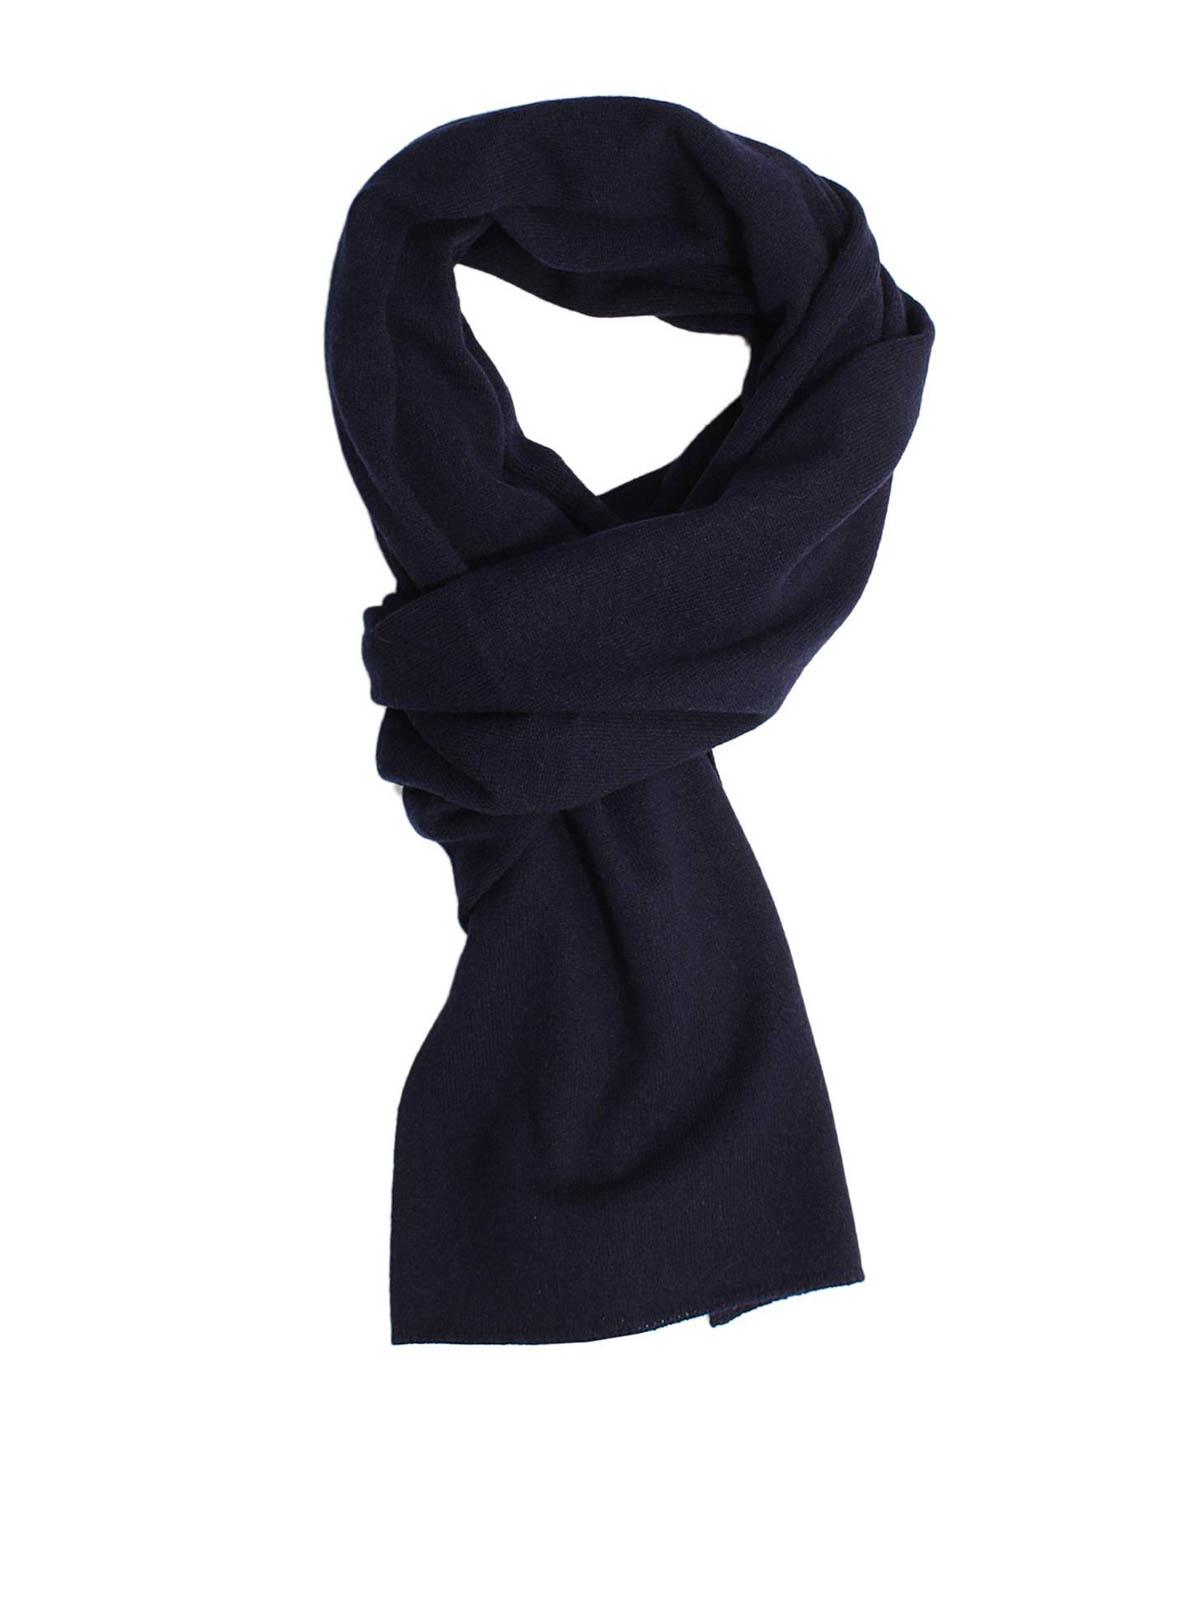 più recente 79d5e 5925c Cruciani - Sciarpa in cashmere - sciarpe e foulard - MG3 ...